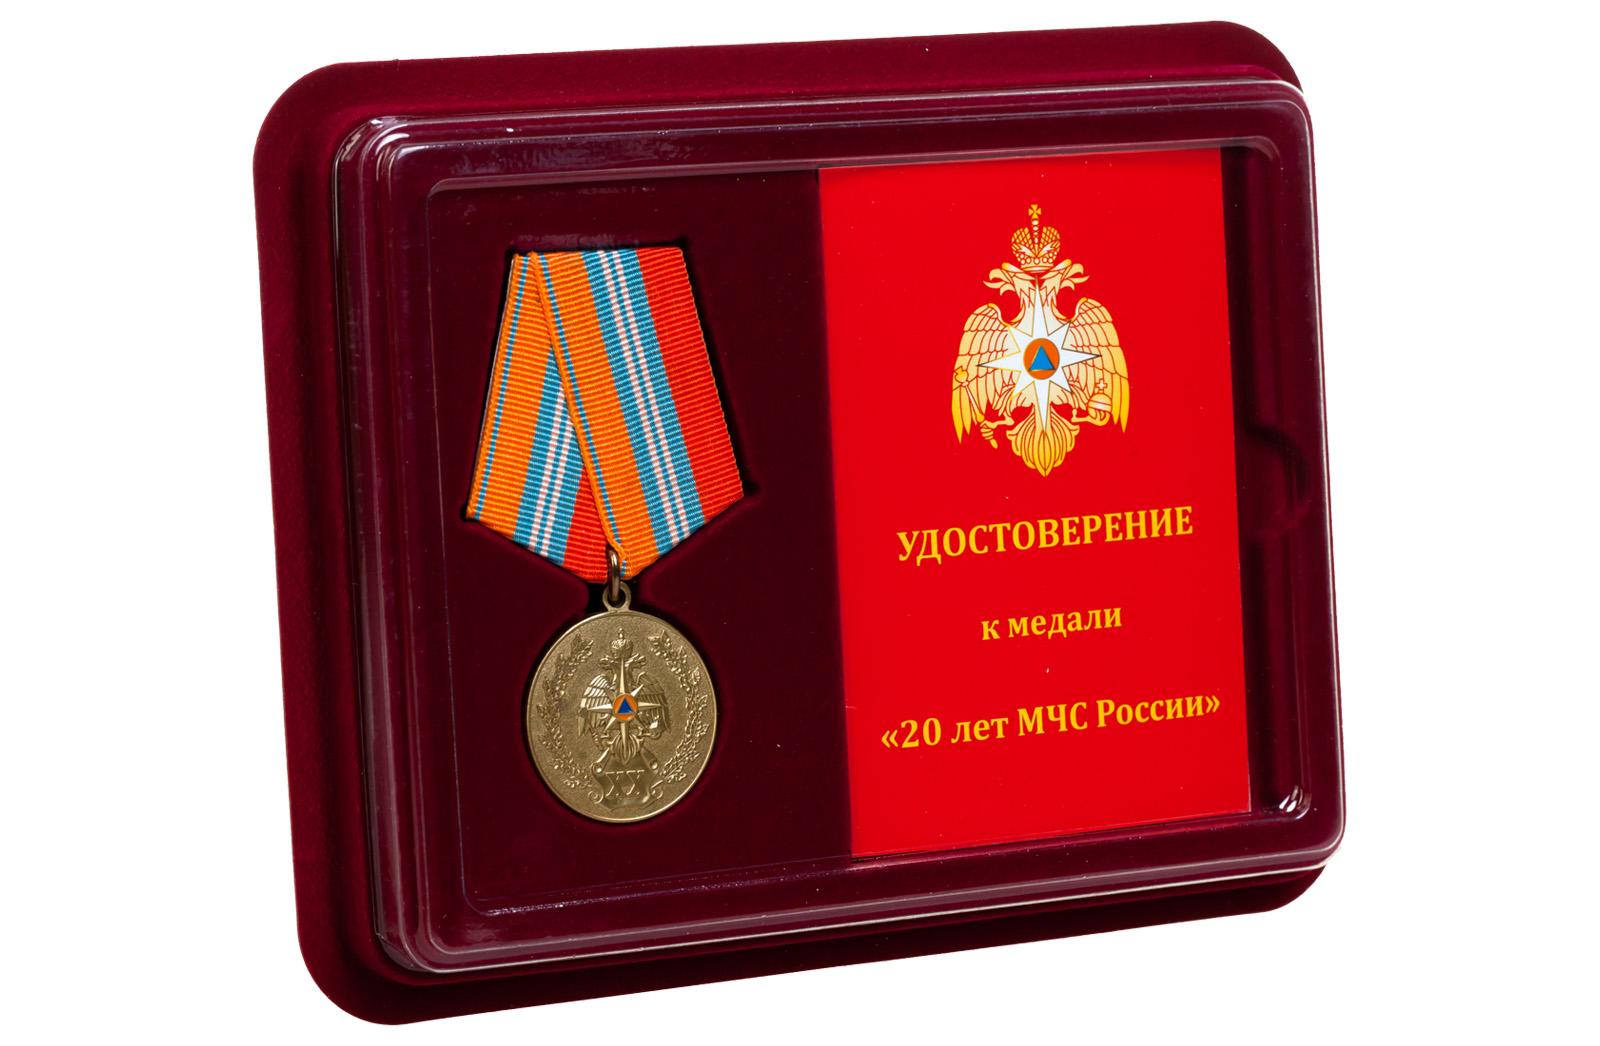 Купить памятную медаль 20 лет МЧС России в подарок мужчине